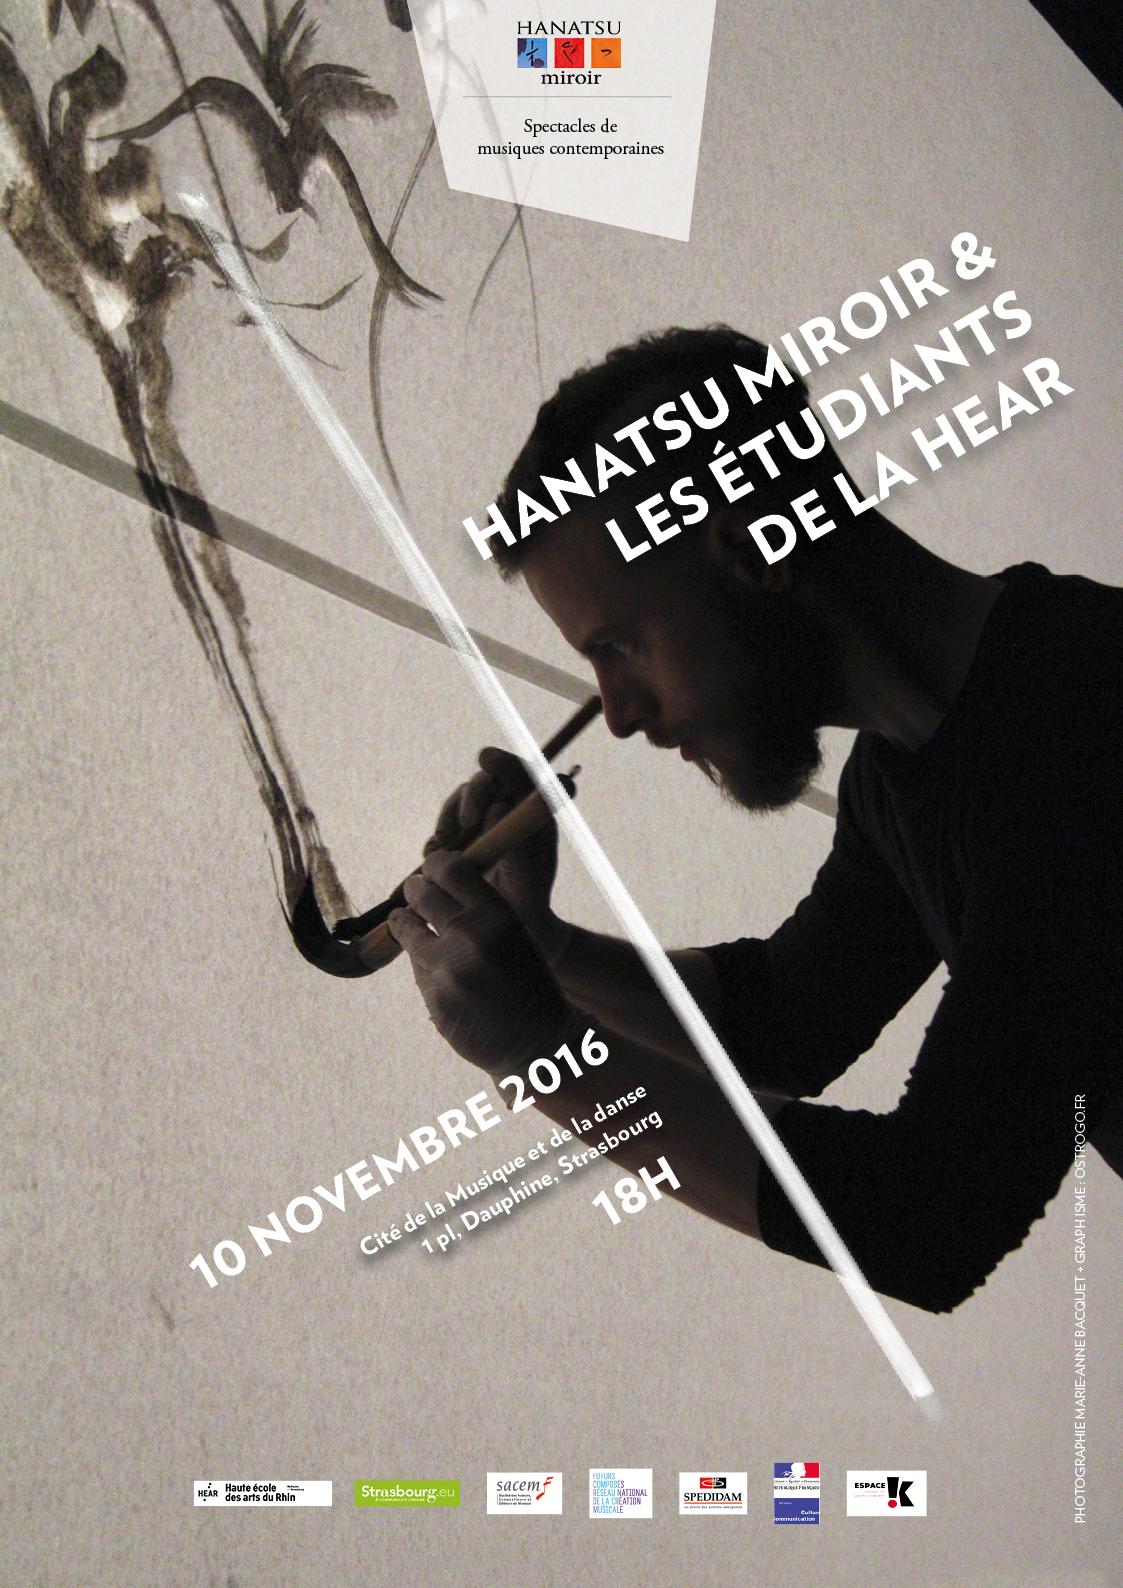 Hanatsu miroir et les tudiants de la hear hanatsu miroir for Miroir de la musique